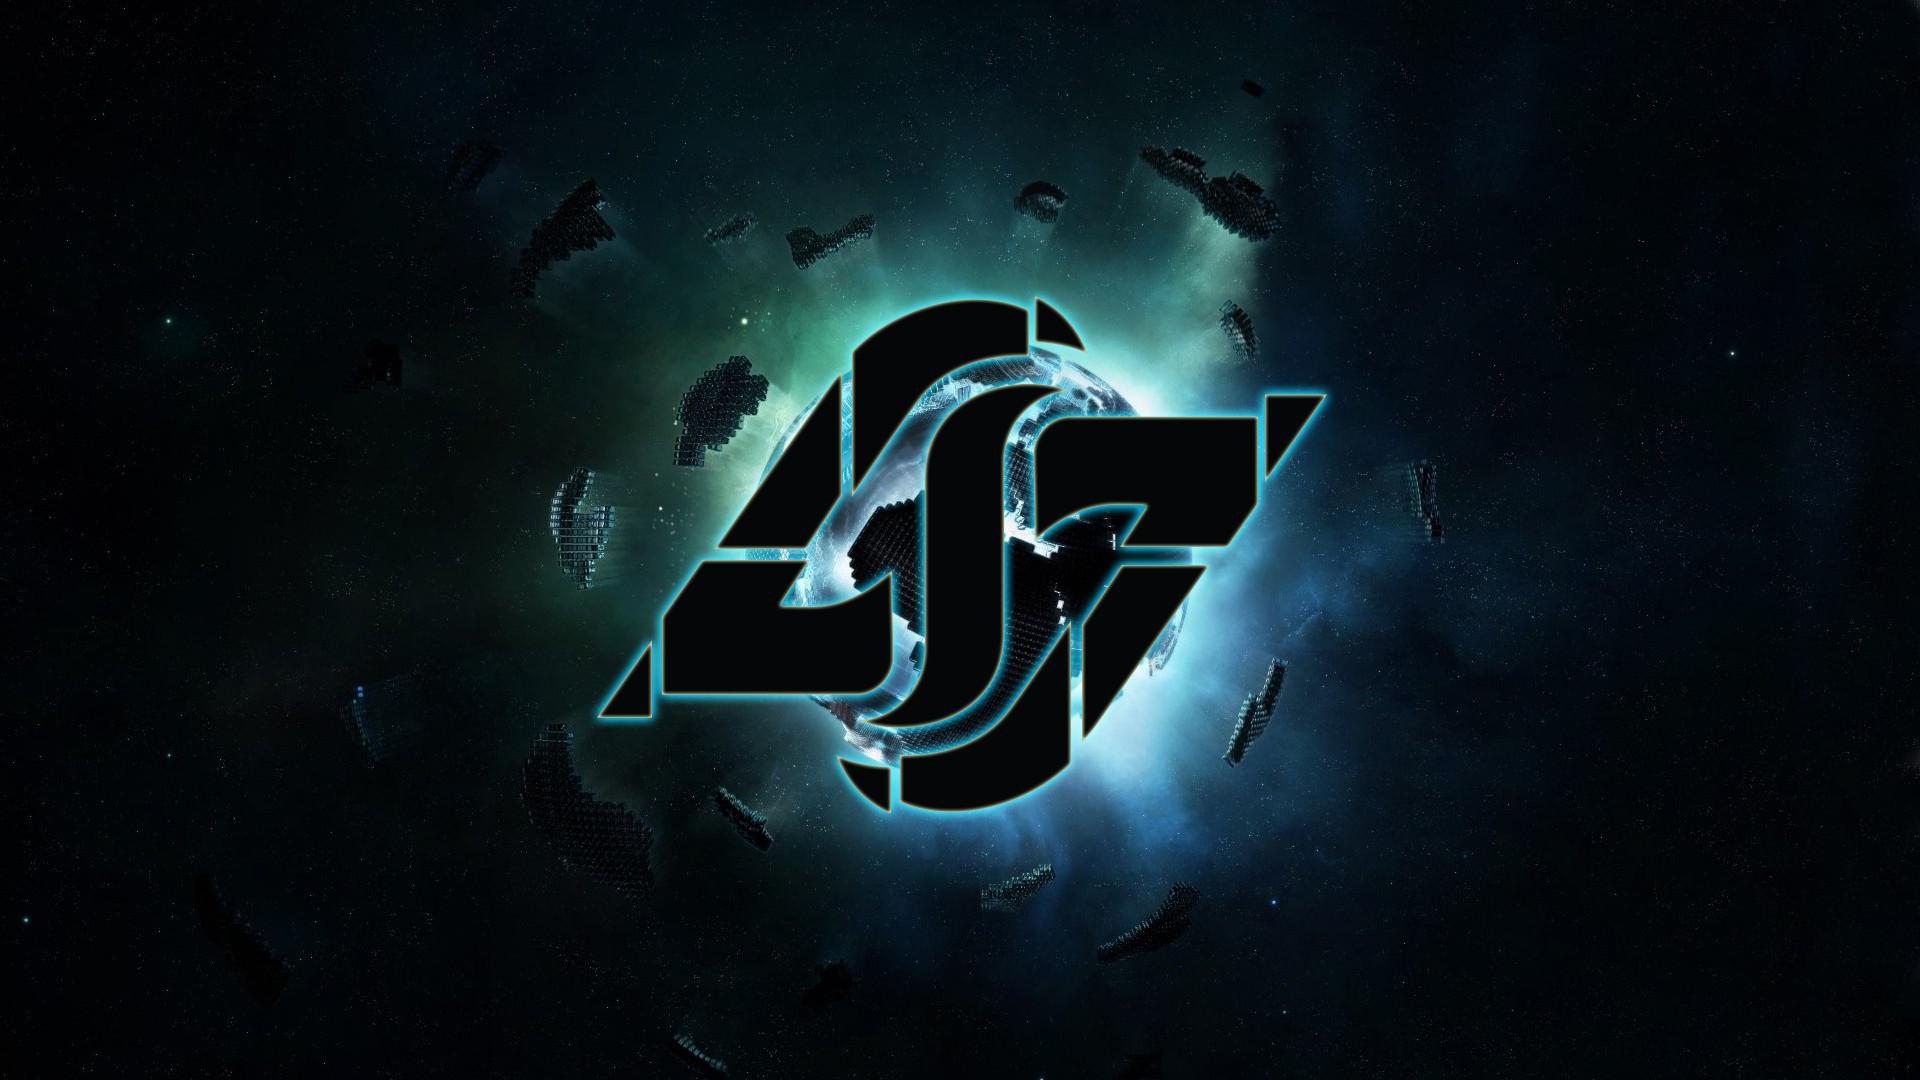 CLG | Counter Logic Gaming Black Wallpaper